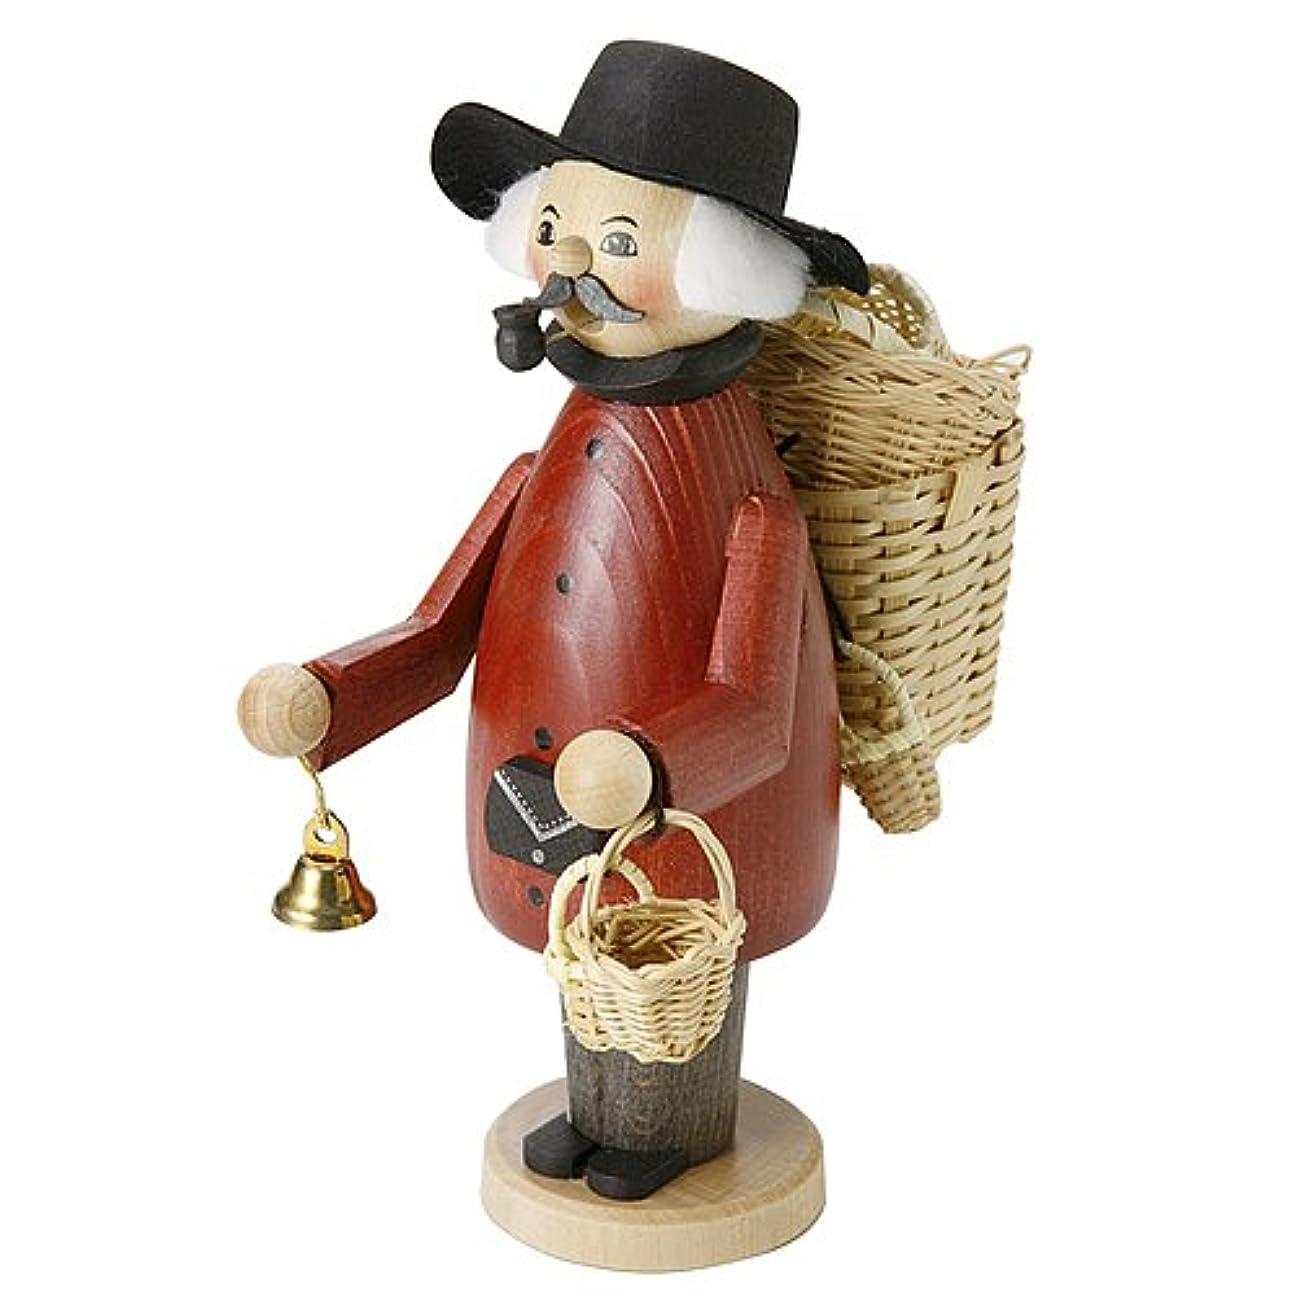 褒賞テザービスケットkuhnert(クーネルト) パイプ人形香炉 150×200mm 「バスケット売り」